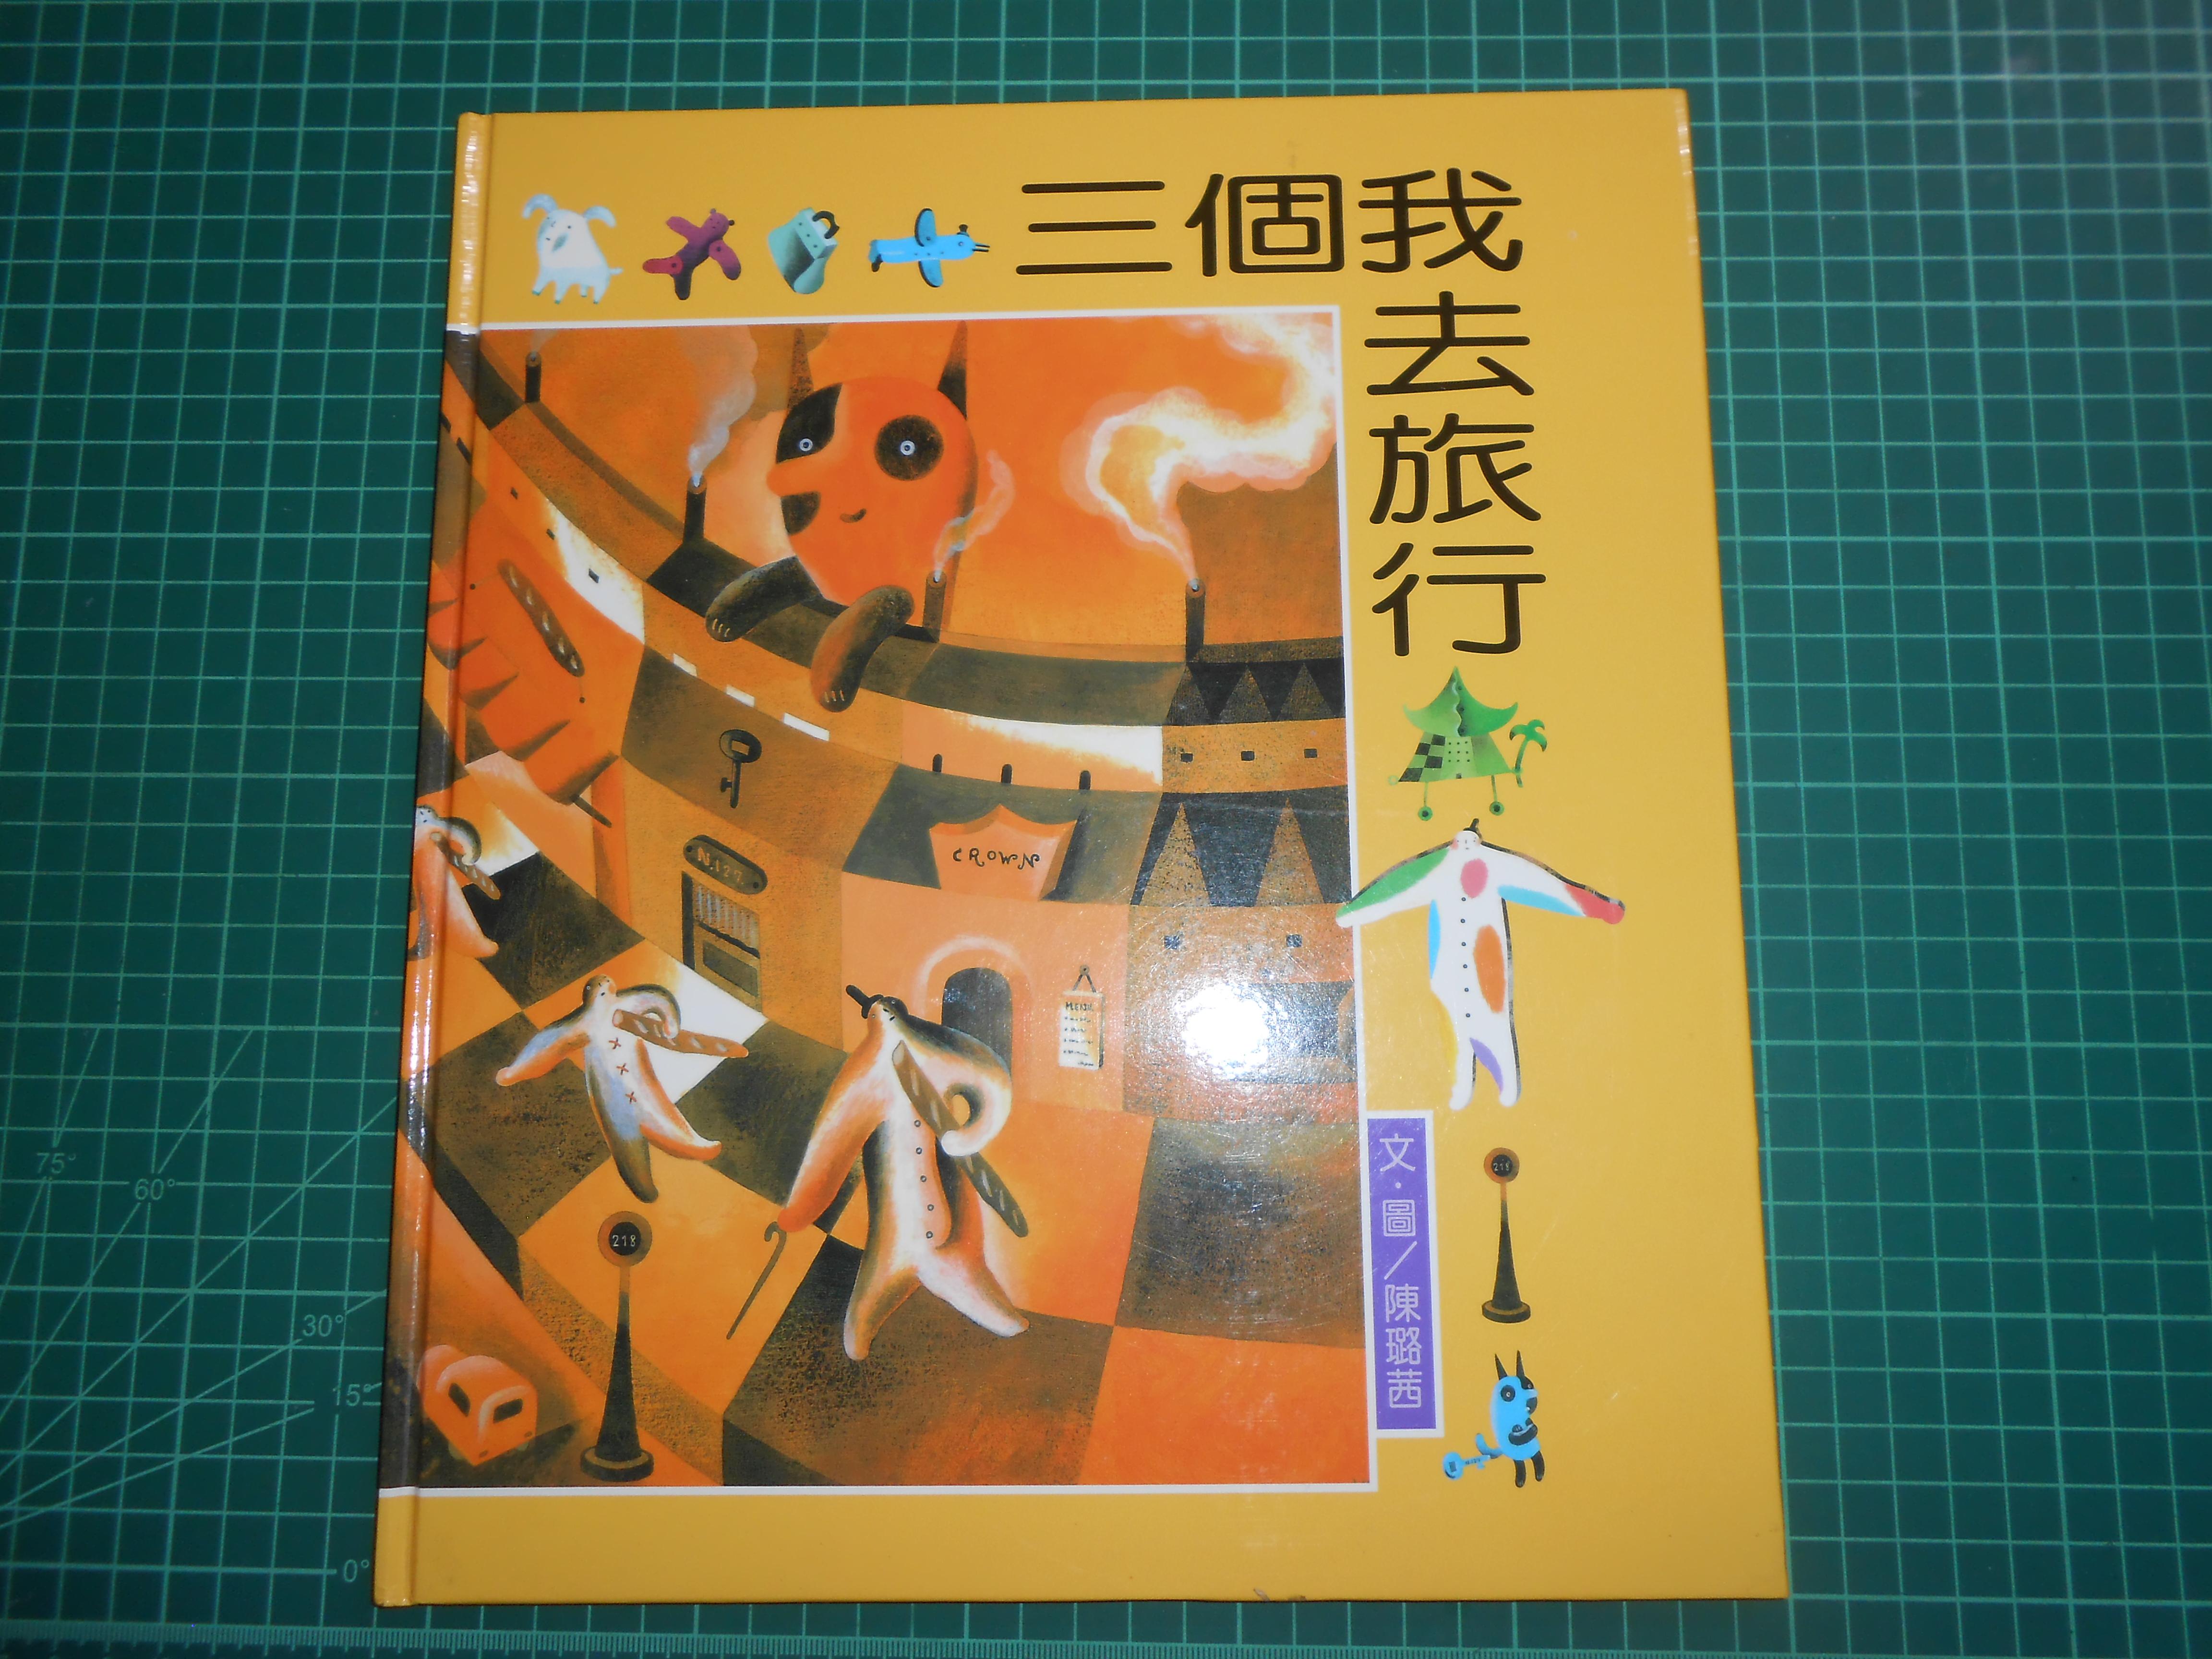 親簽收藏~《三個我去旅行》精裝本 陳璐茜著  遠流  2005年【CS超聖文化2讚】